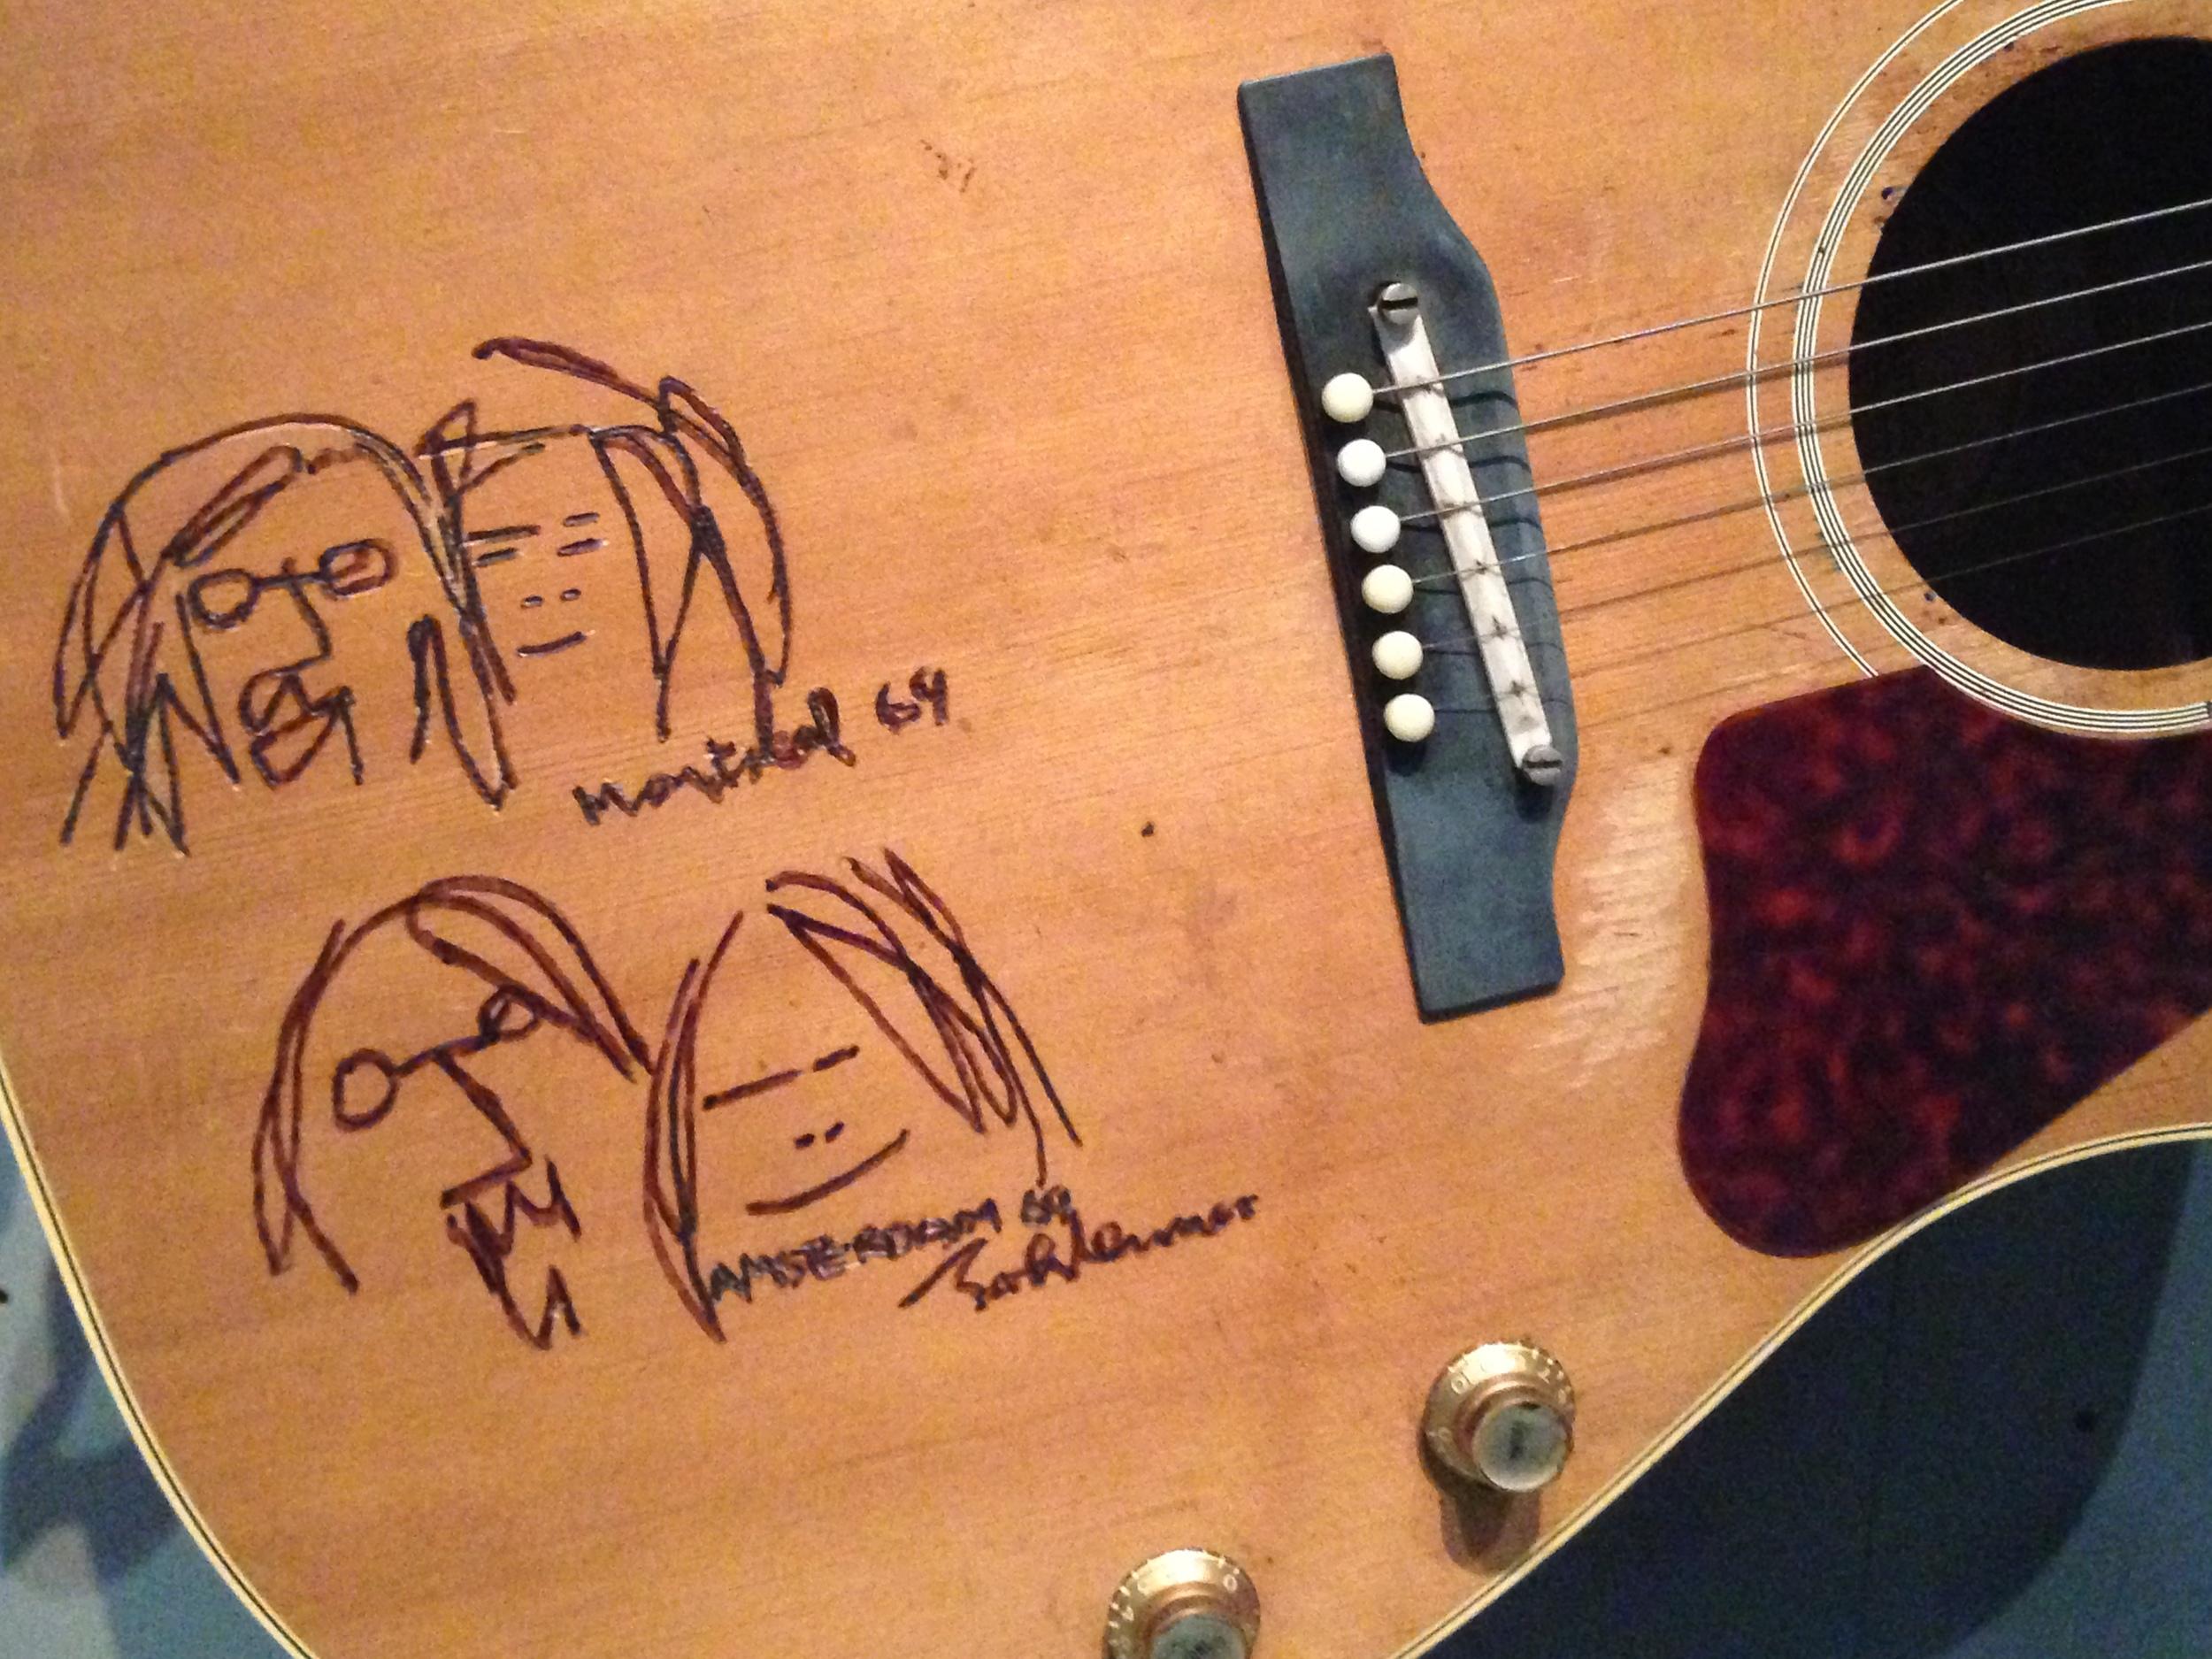 John Lennon's Guitar